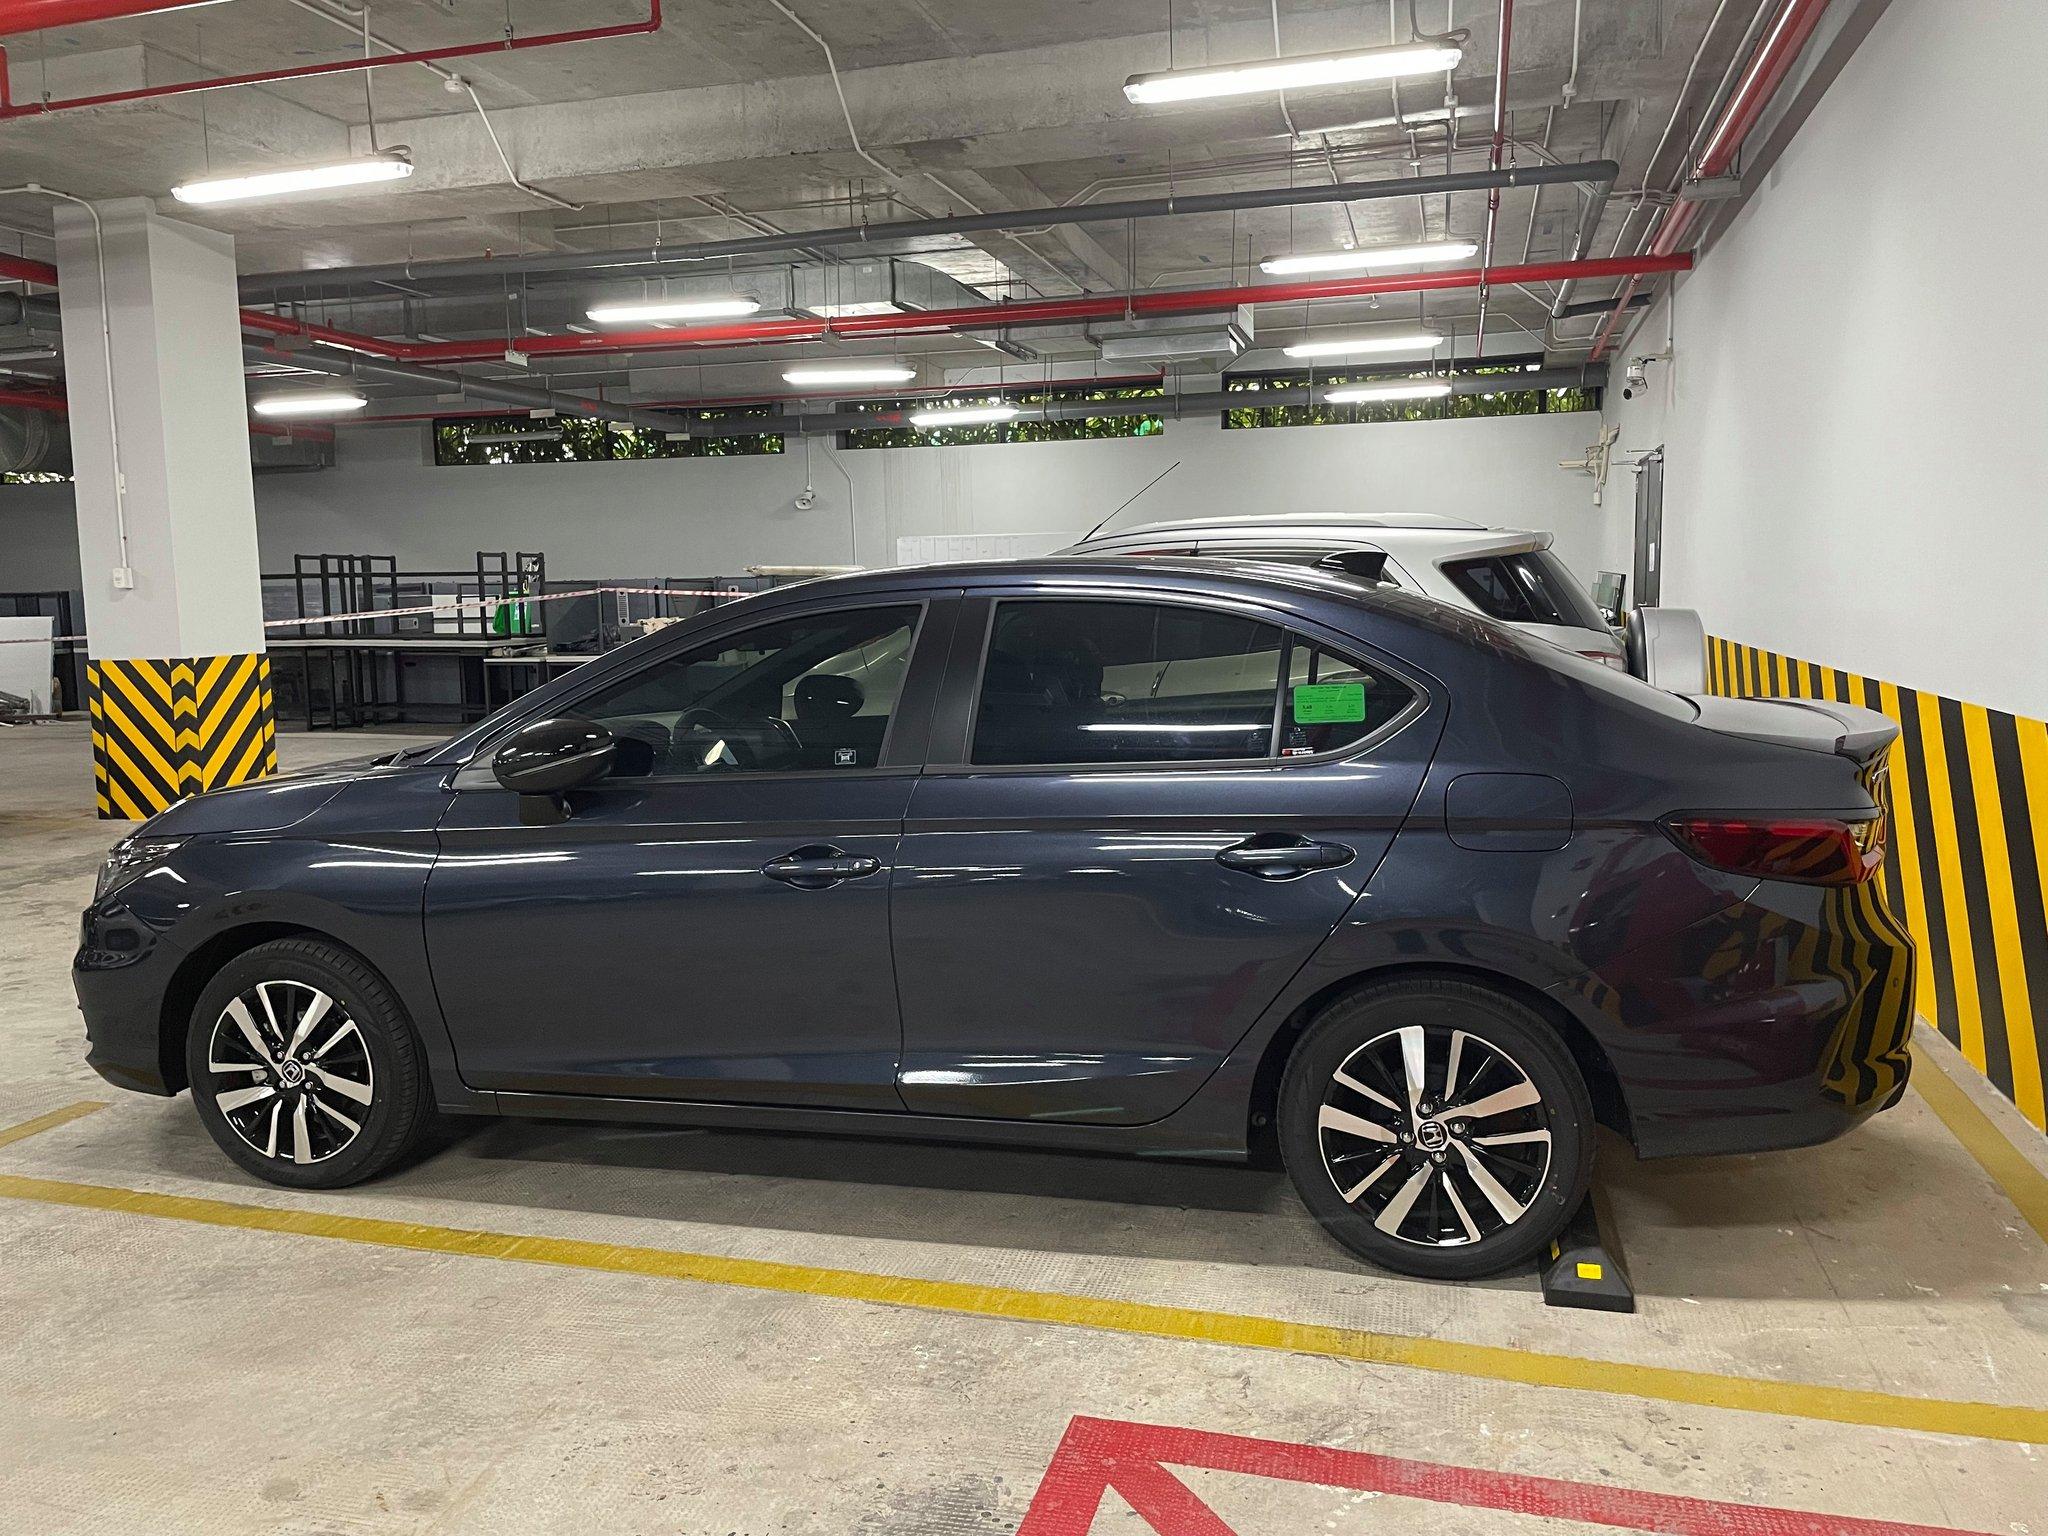 Chủ xe Honda City RS 2021 đánh giá bất ngờ sau 1 tháng sử dụng - Ảnh 8.